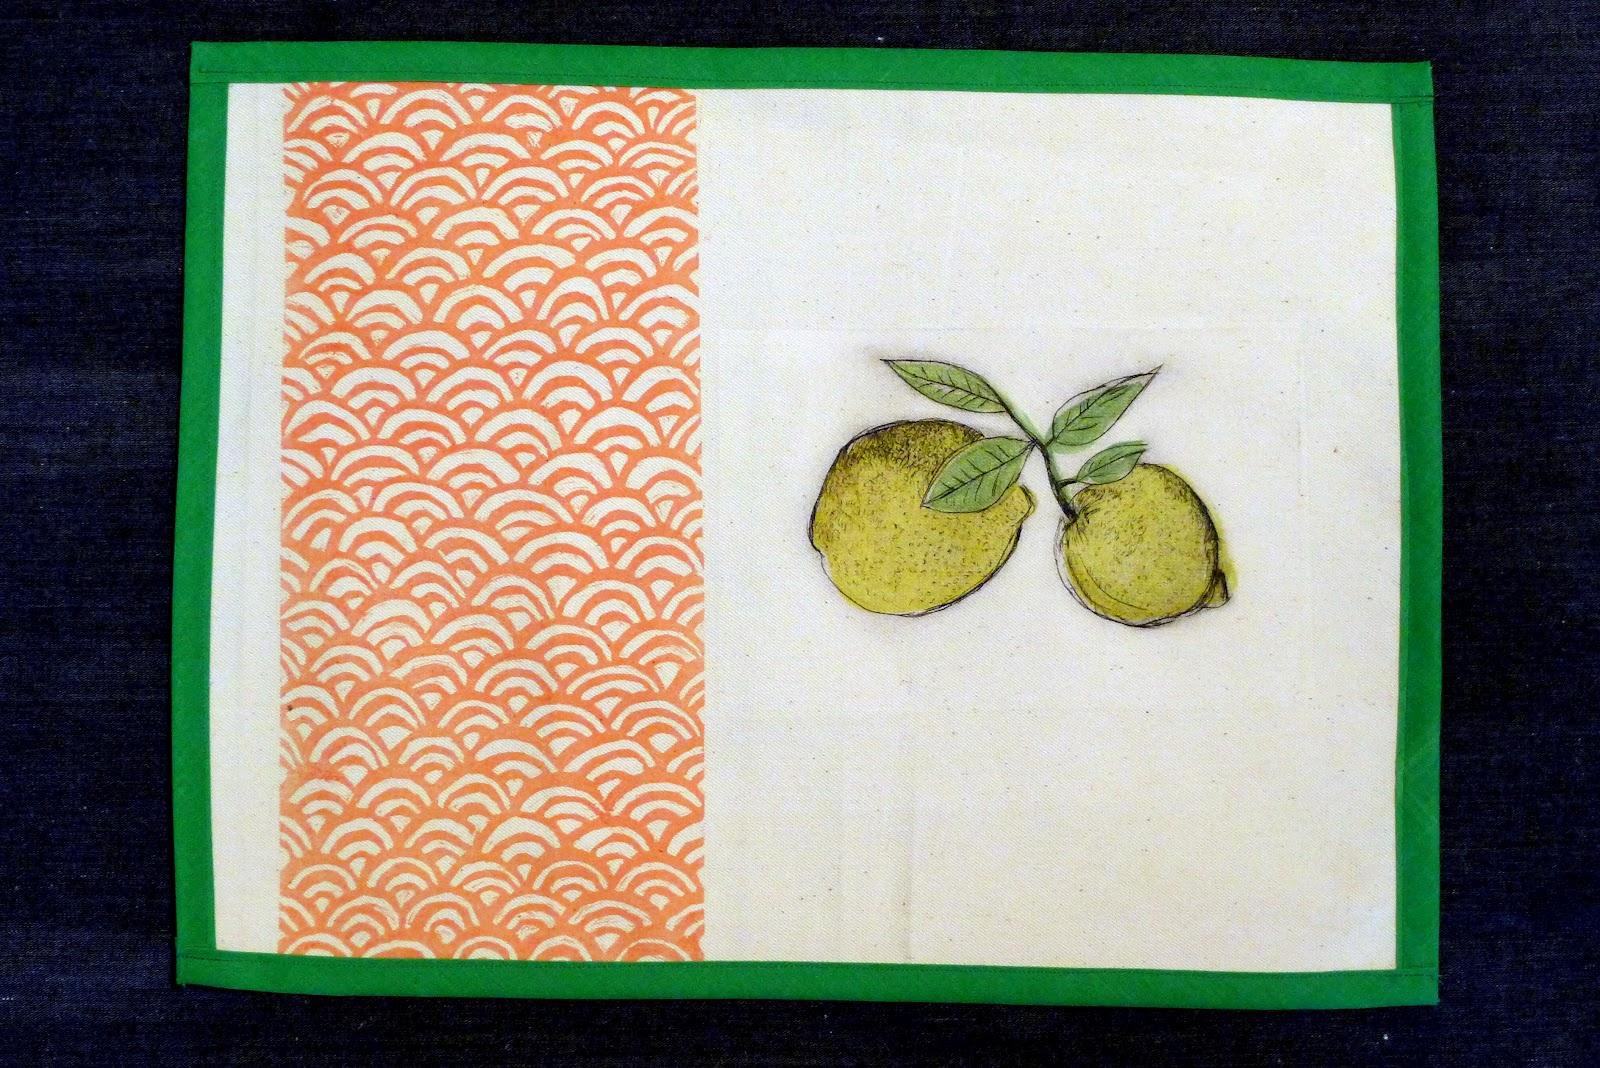 Piedra papel y tijera manteles individuales con grabados originales - Manteles originales ...